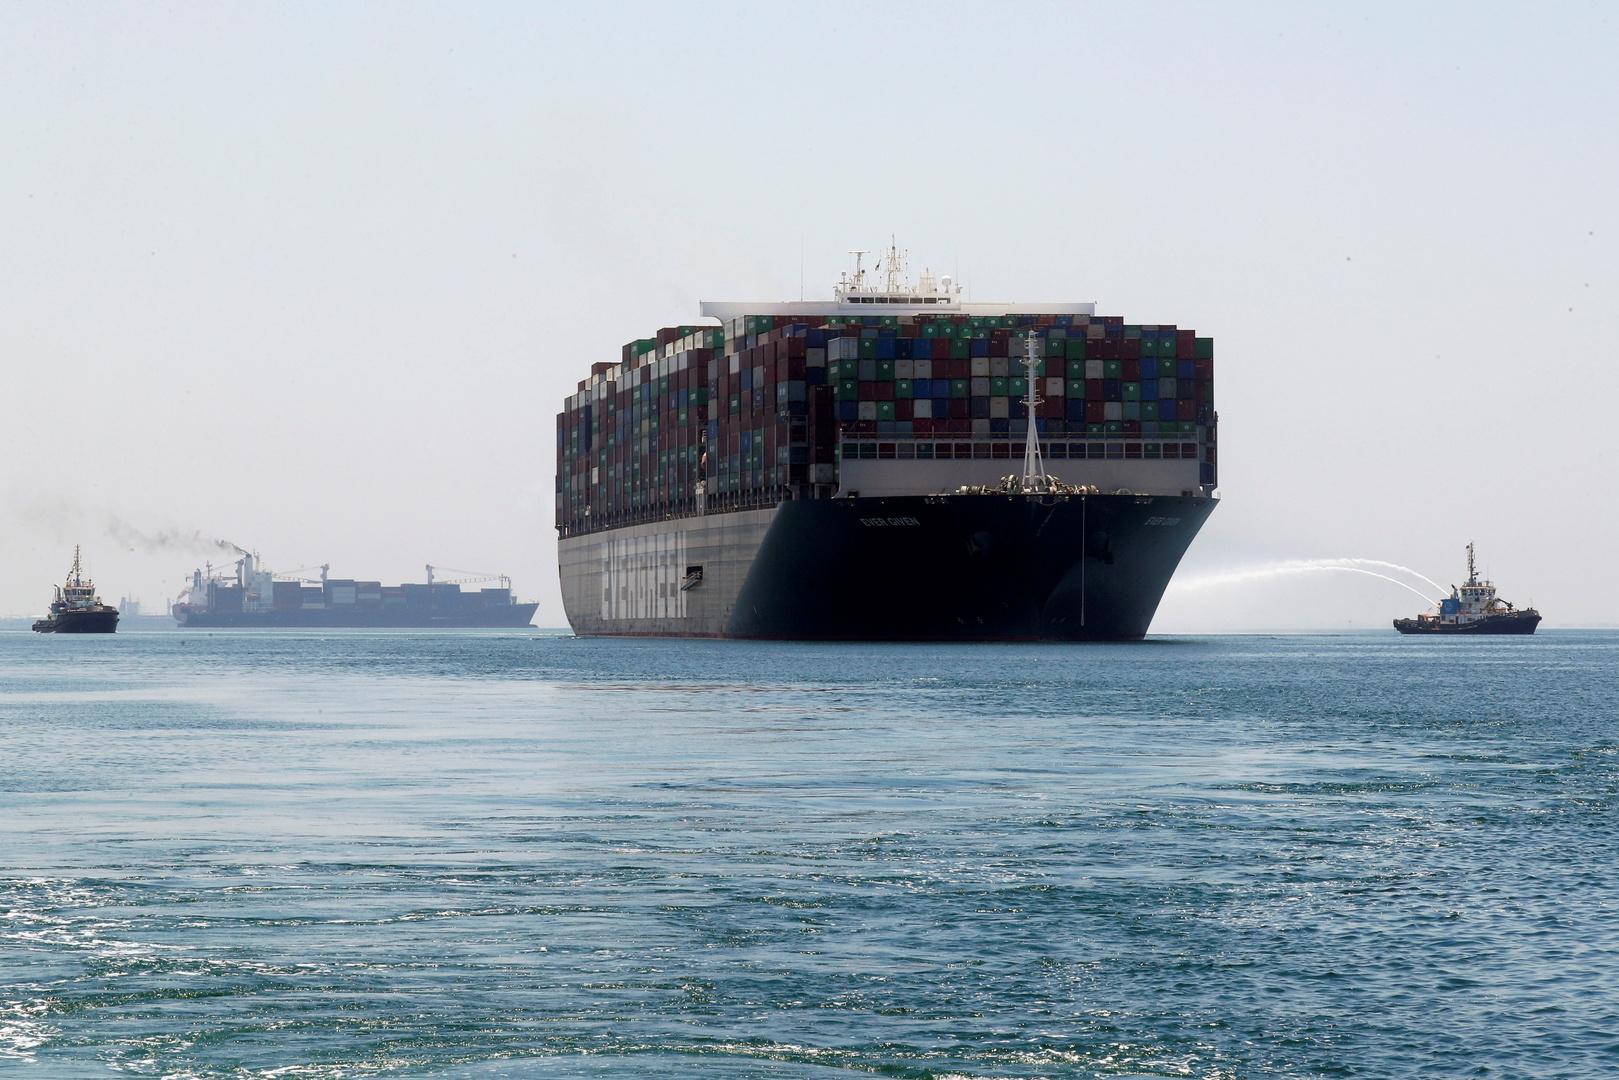 إدارة قناة السويس تعلق على عبور سفينة